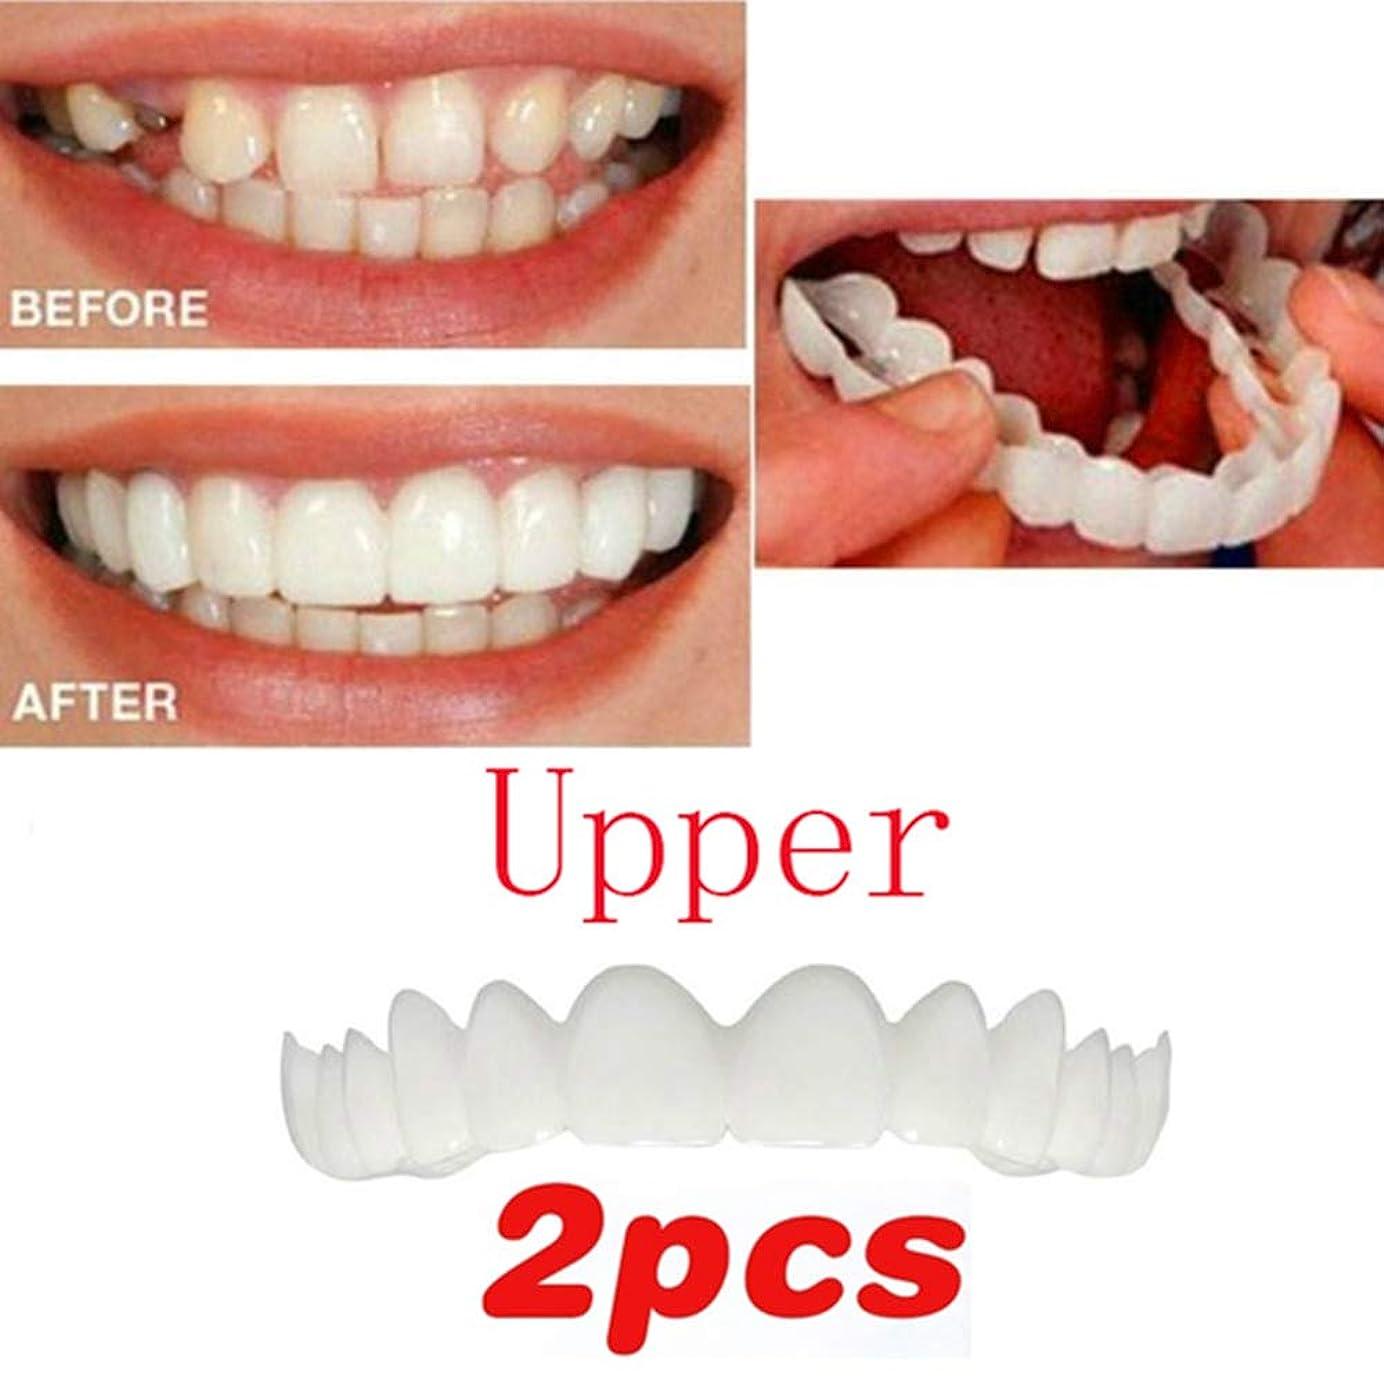 イルセットアップブラウス2ピース化粧品歯一時的な笑顔ホワイトニング歯インスタント快適な義歯上列再利用可能な大人のスナップ完璧な笑顔ベニヤカバー悪い黄色黒歯